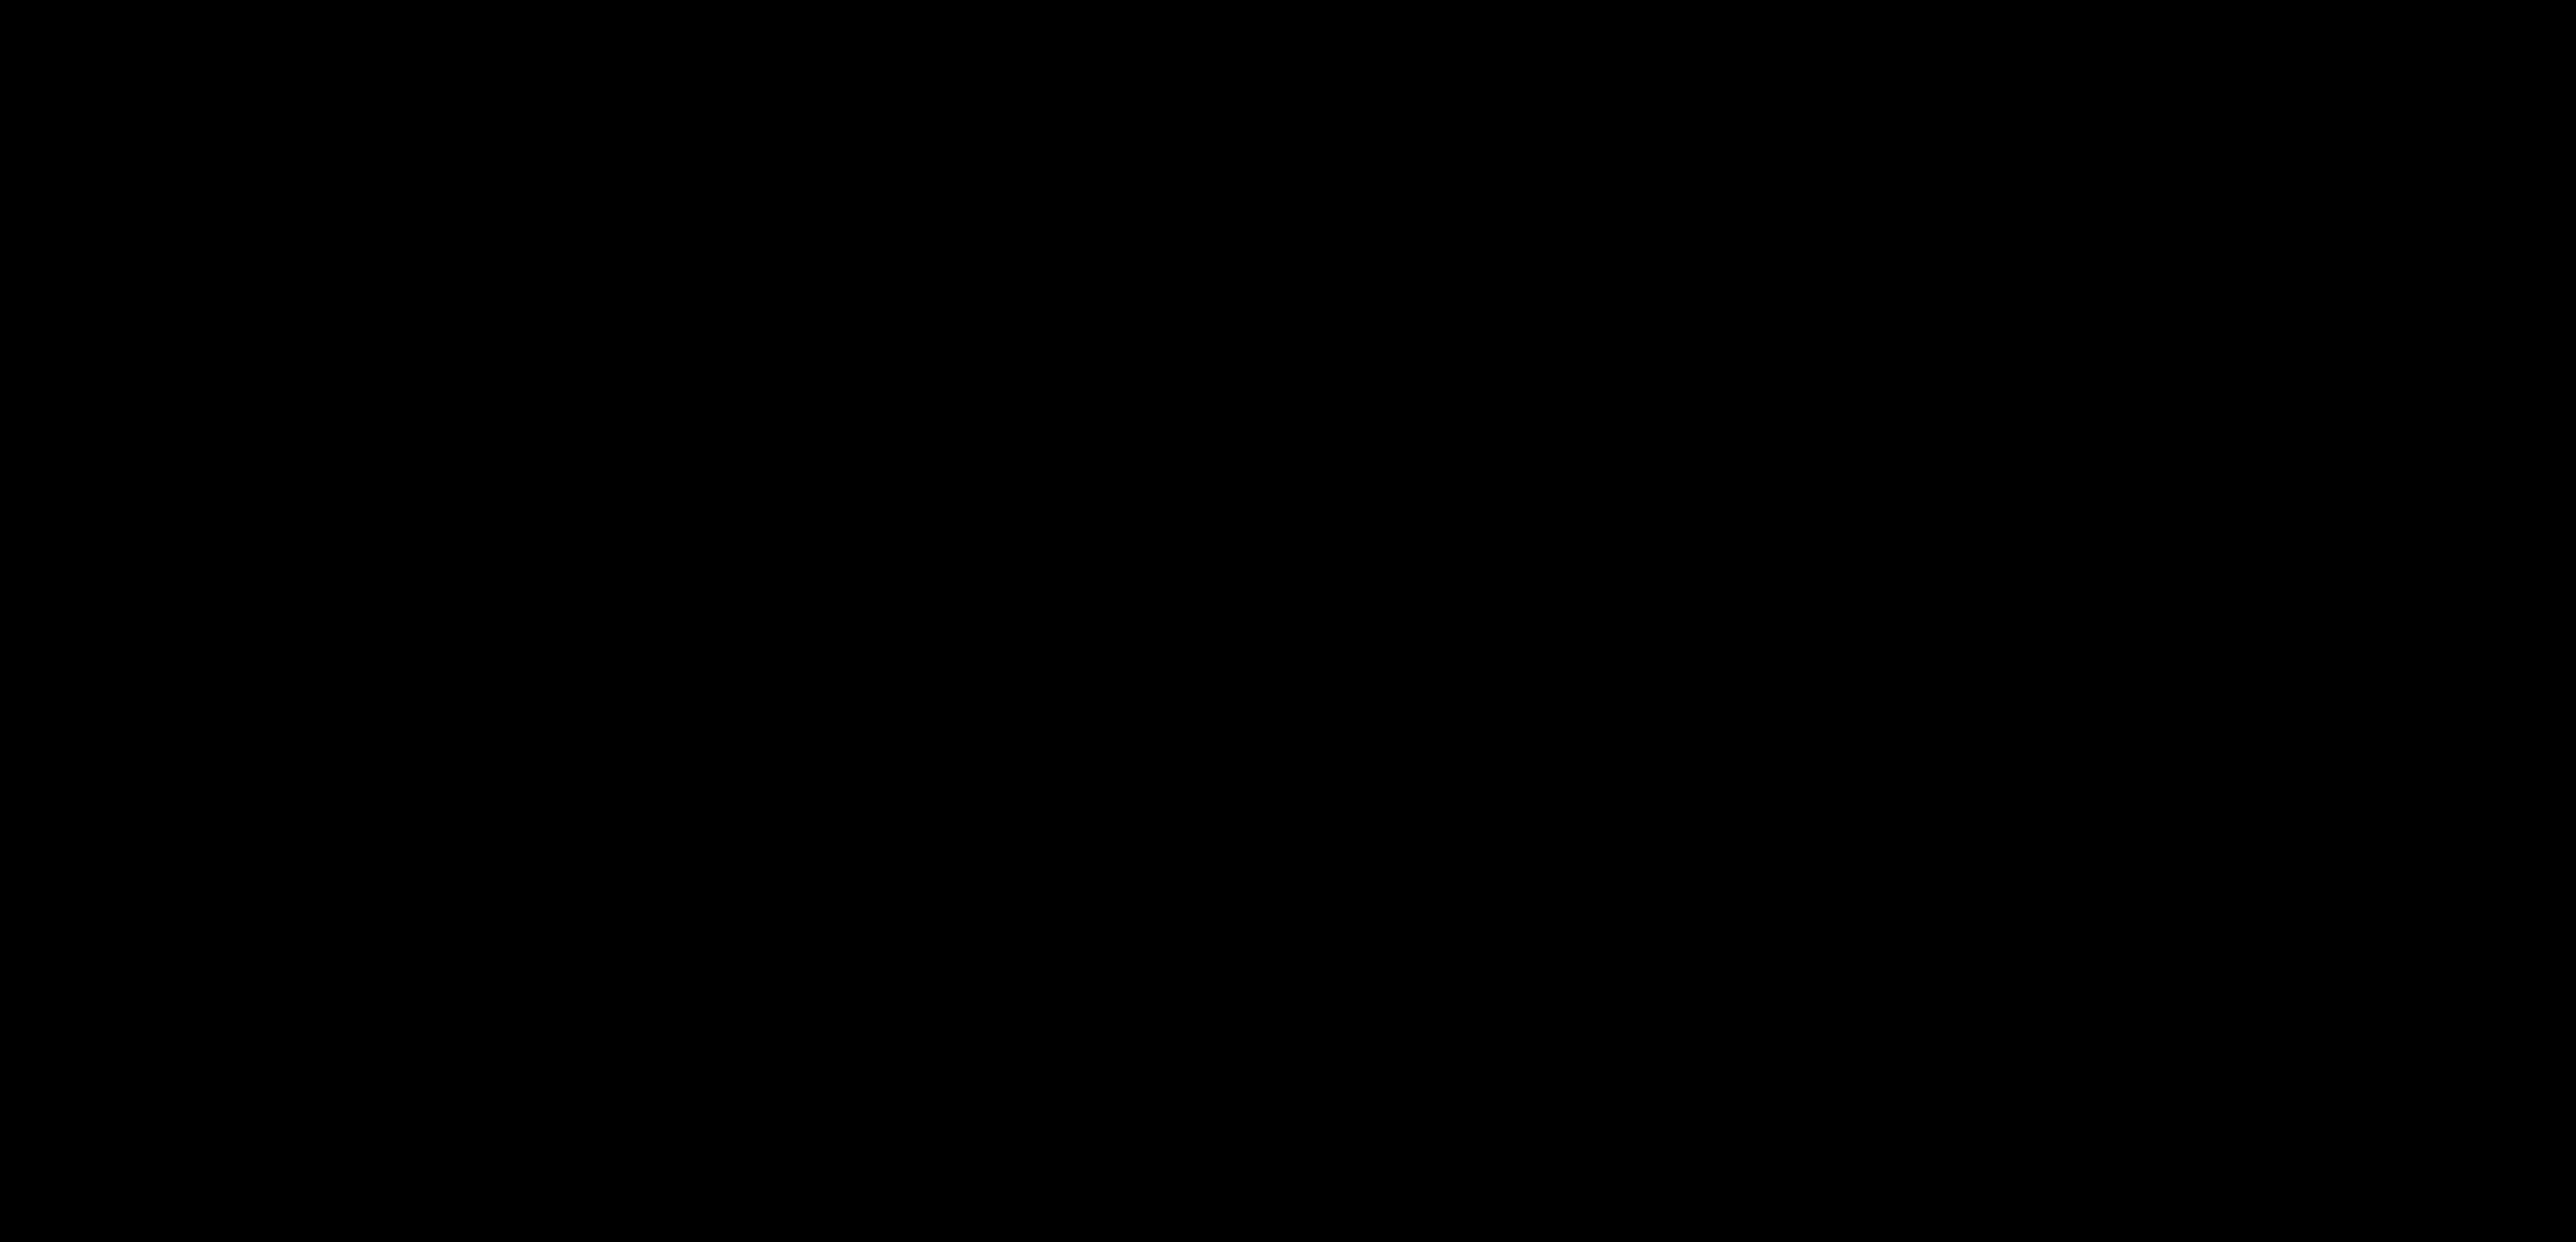 fbi � logos download